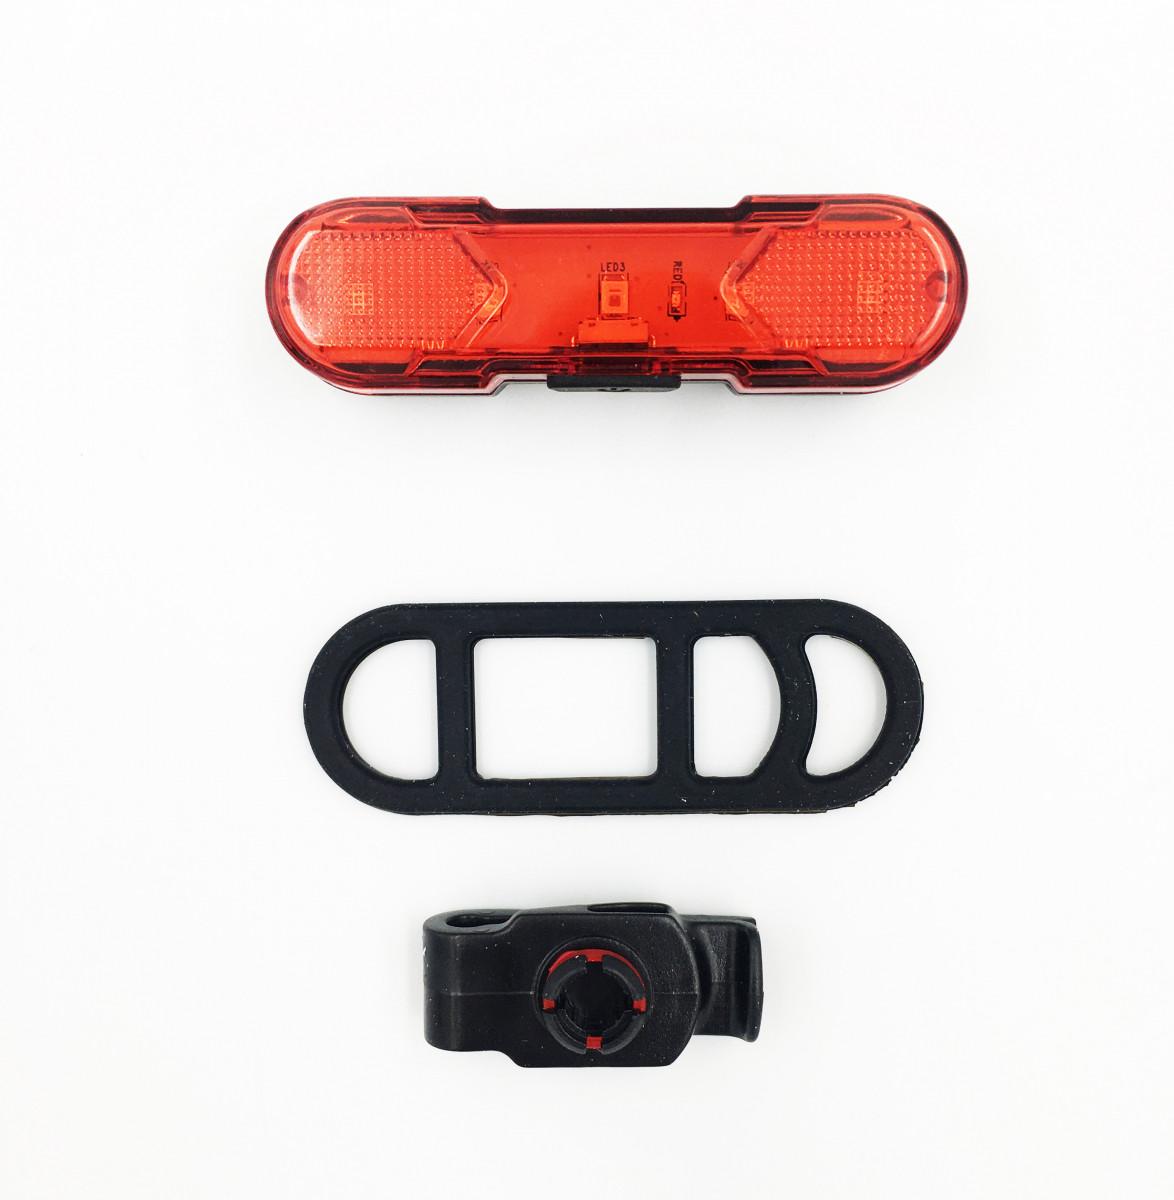 Задний стоп Myspace USB 30 Lumens для велосипеда usb-шнур (DEN-068)